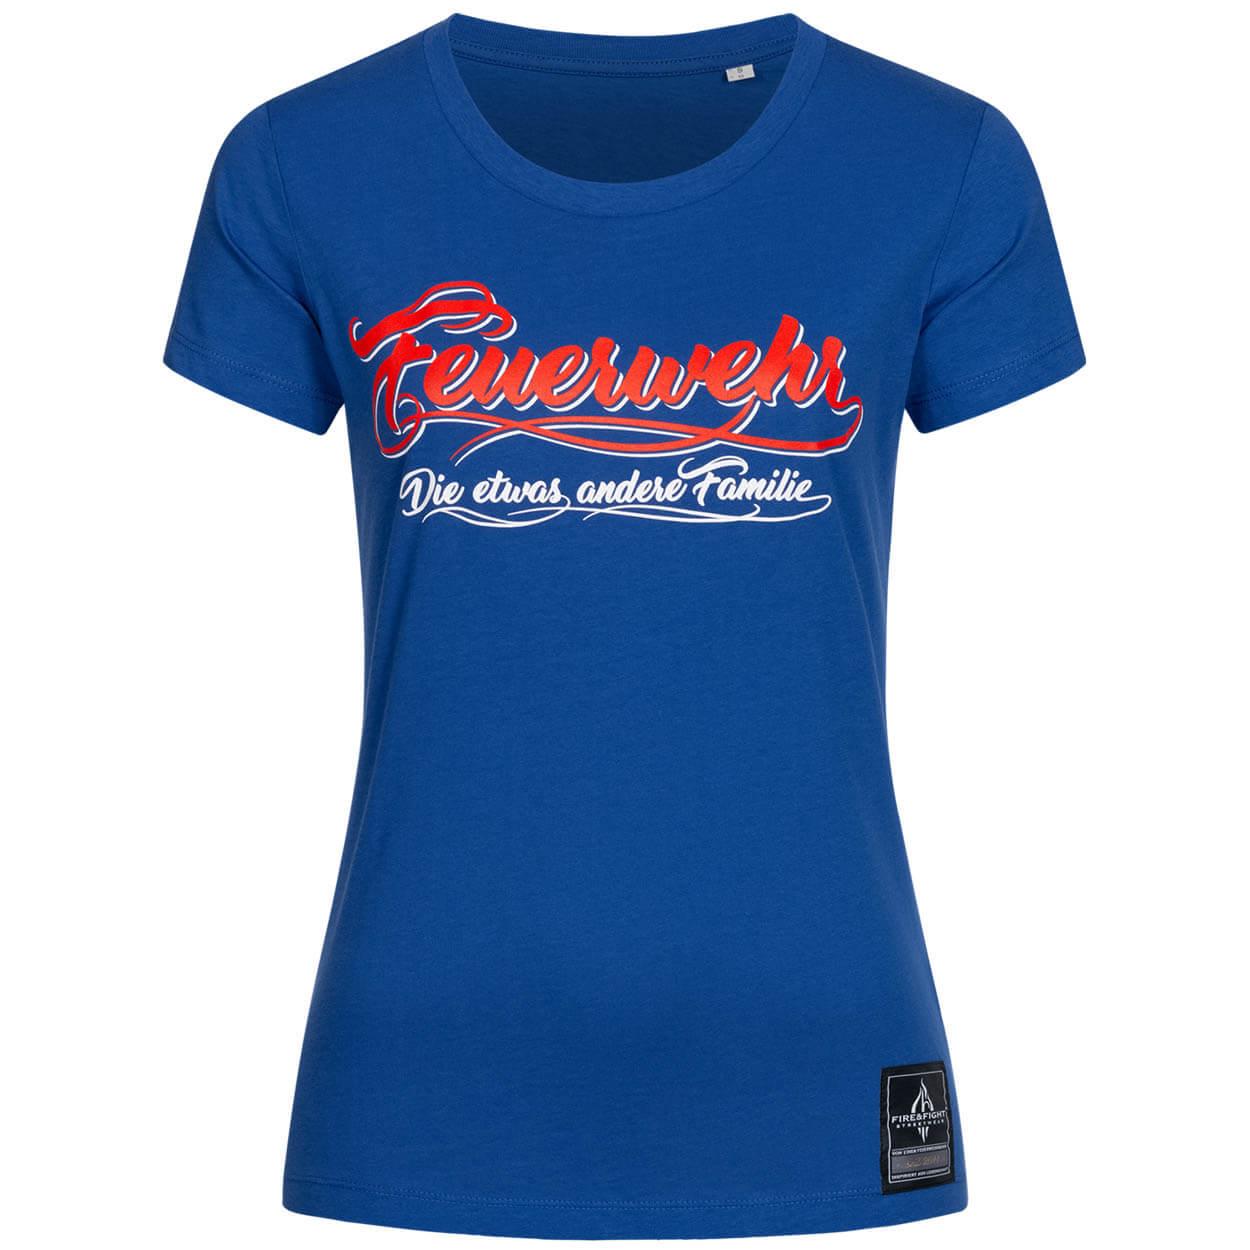 Feuerwehr, die etwas andere Familie - Frauen T-Shirt blau